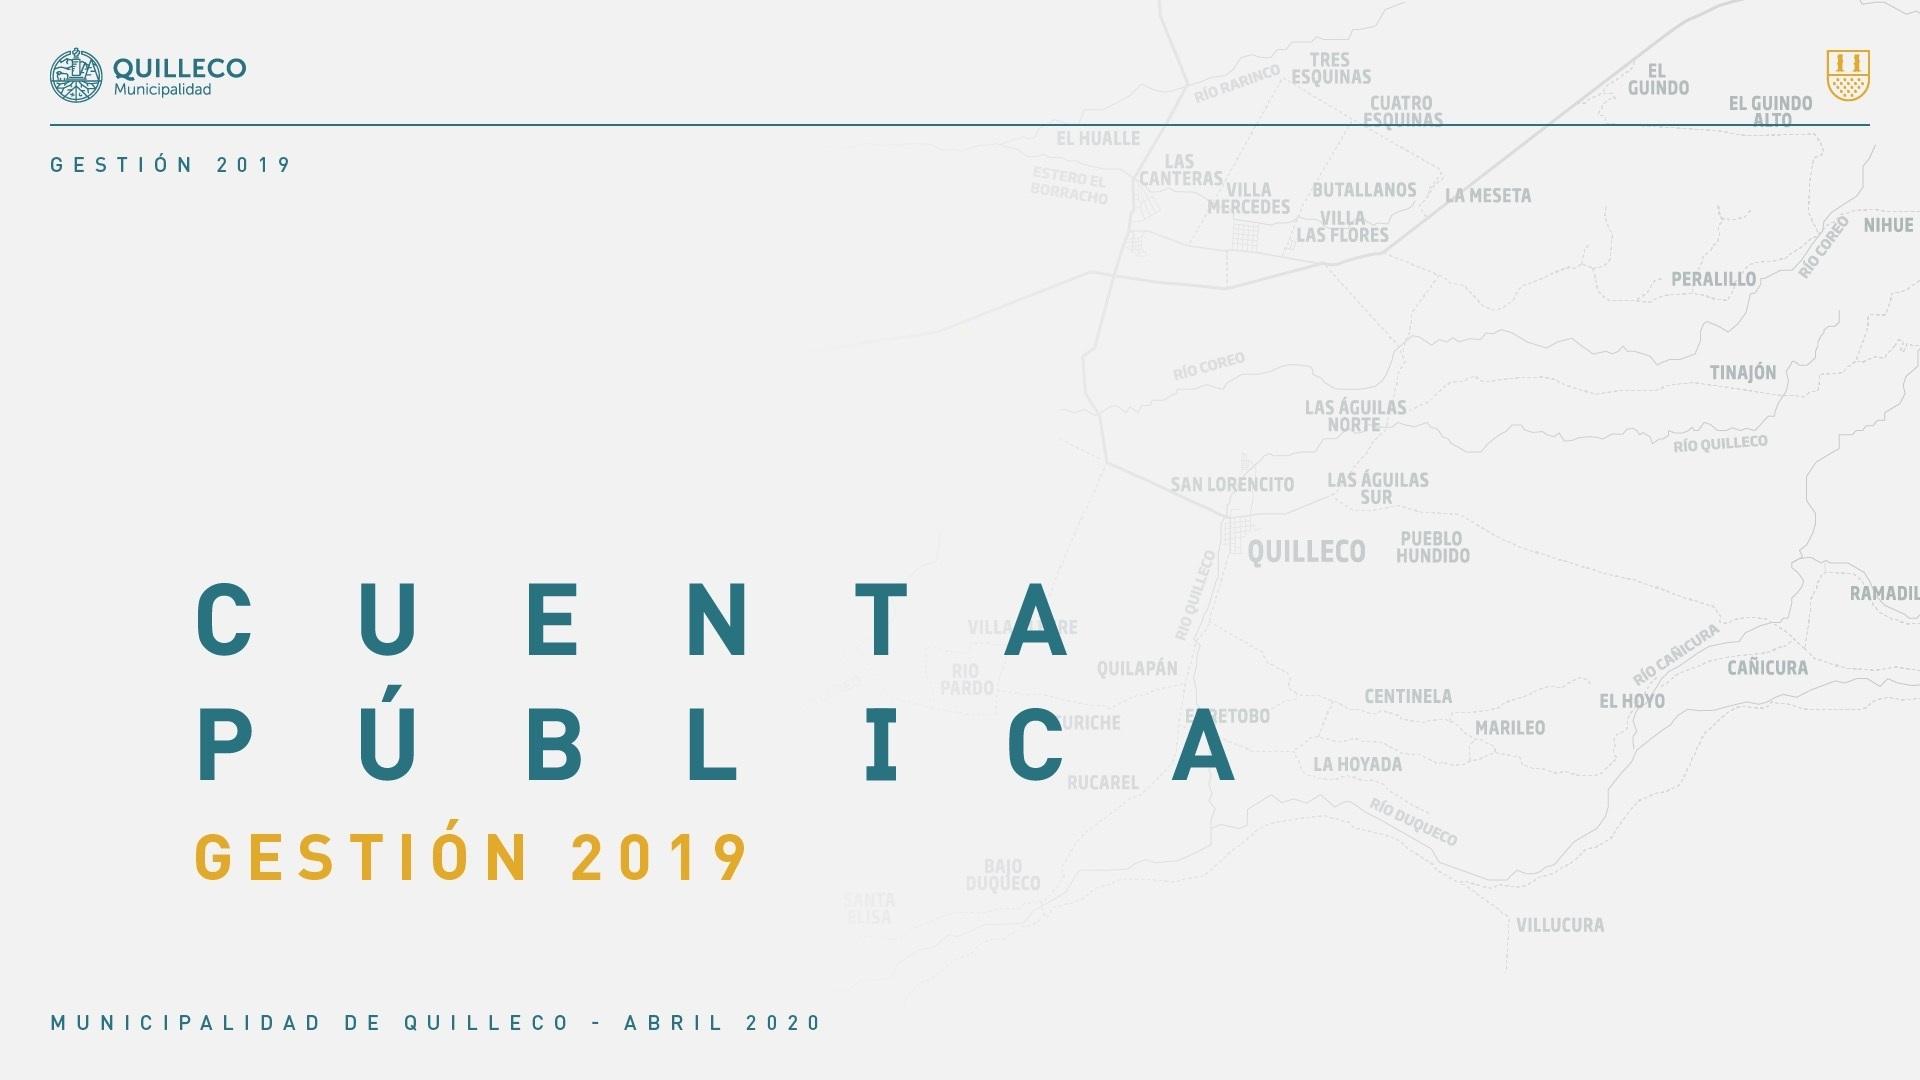 Vídeo Cuenta Publica Gestión Año 2019